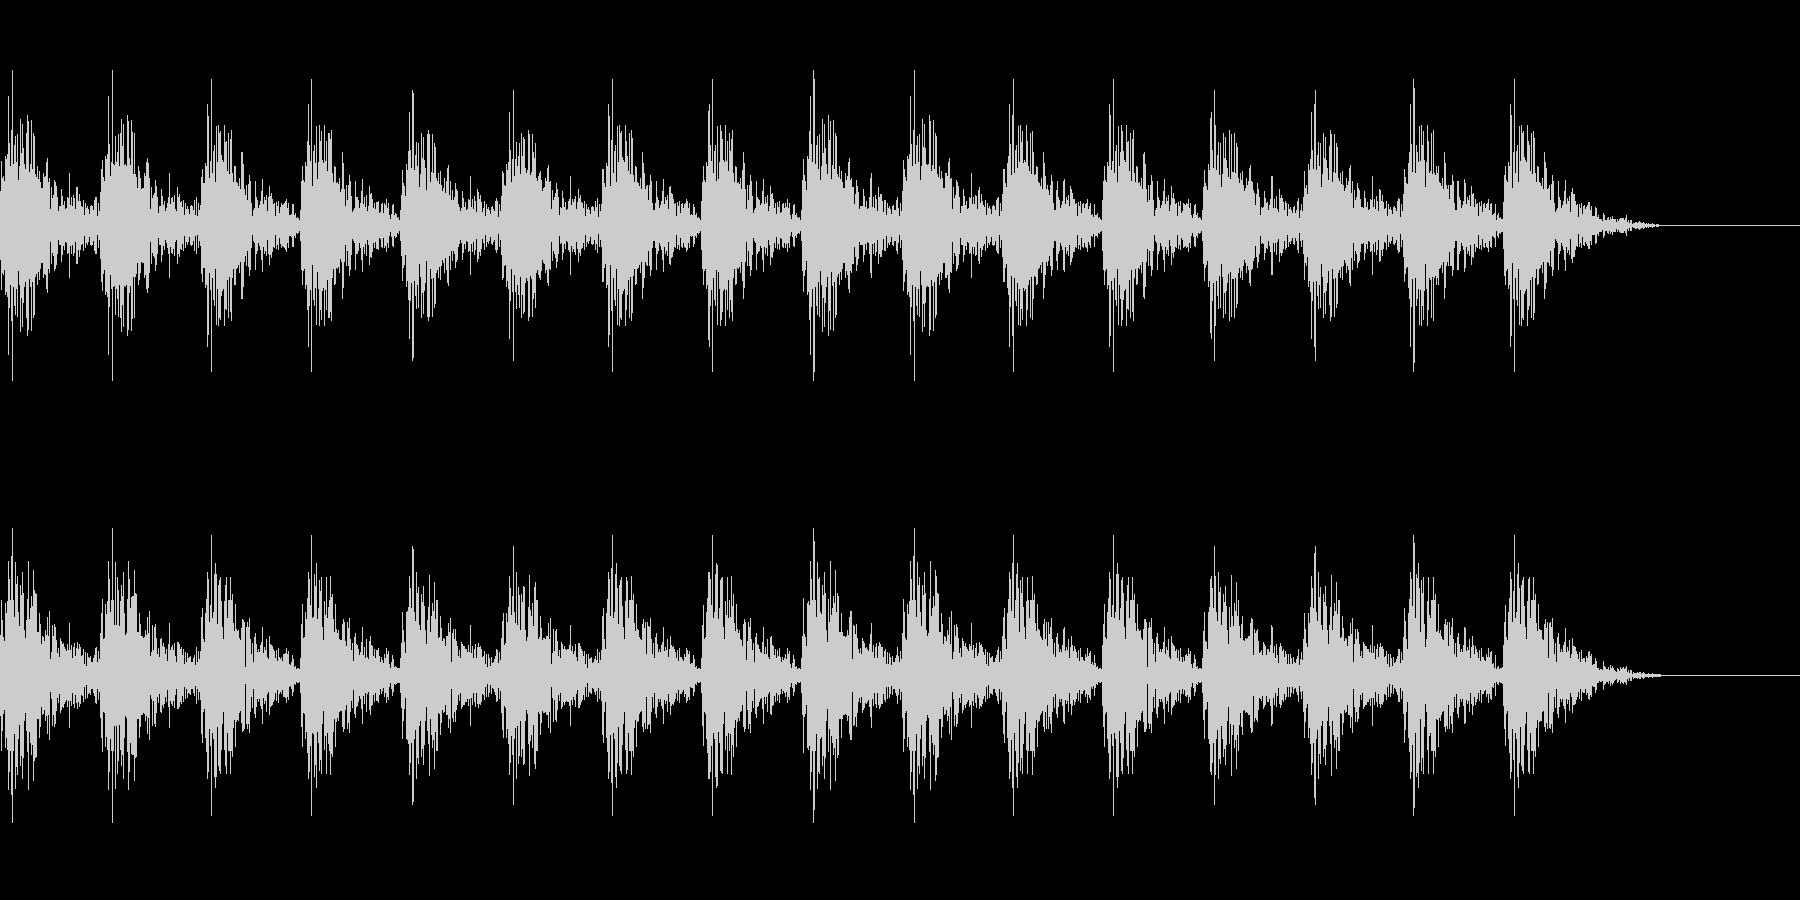 どんどん(巨人、速歩き)A09の未再生の波形